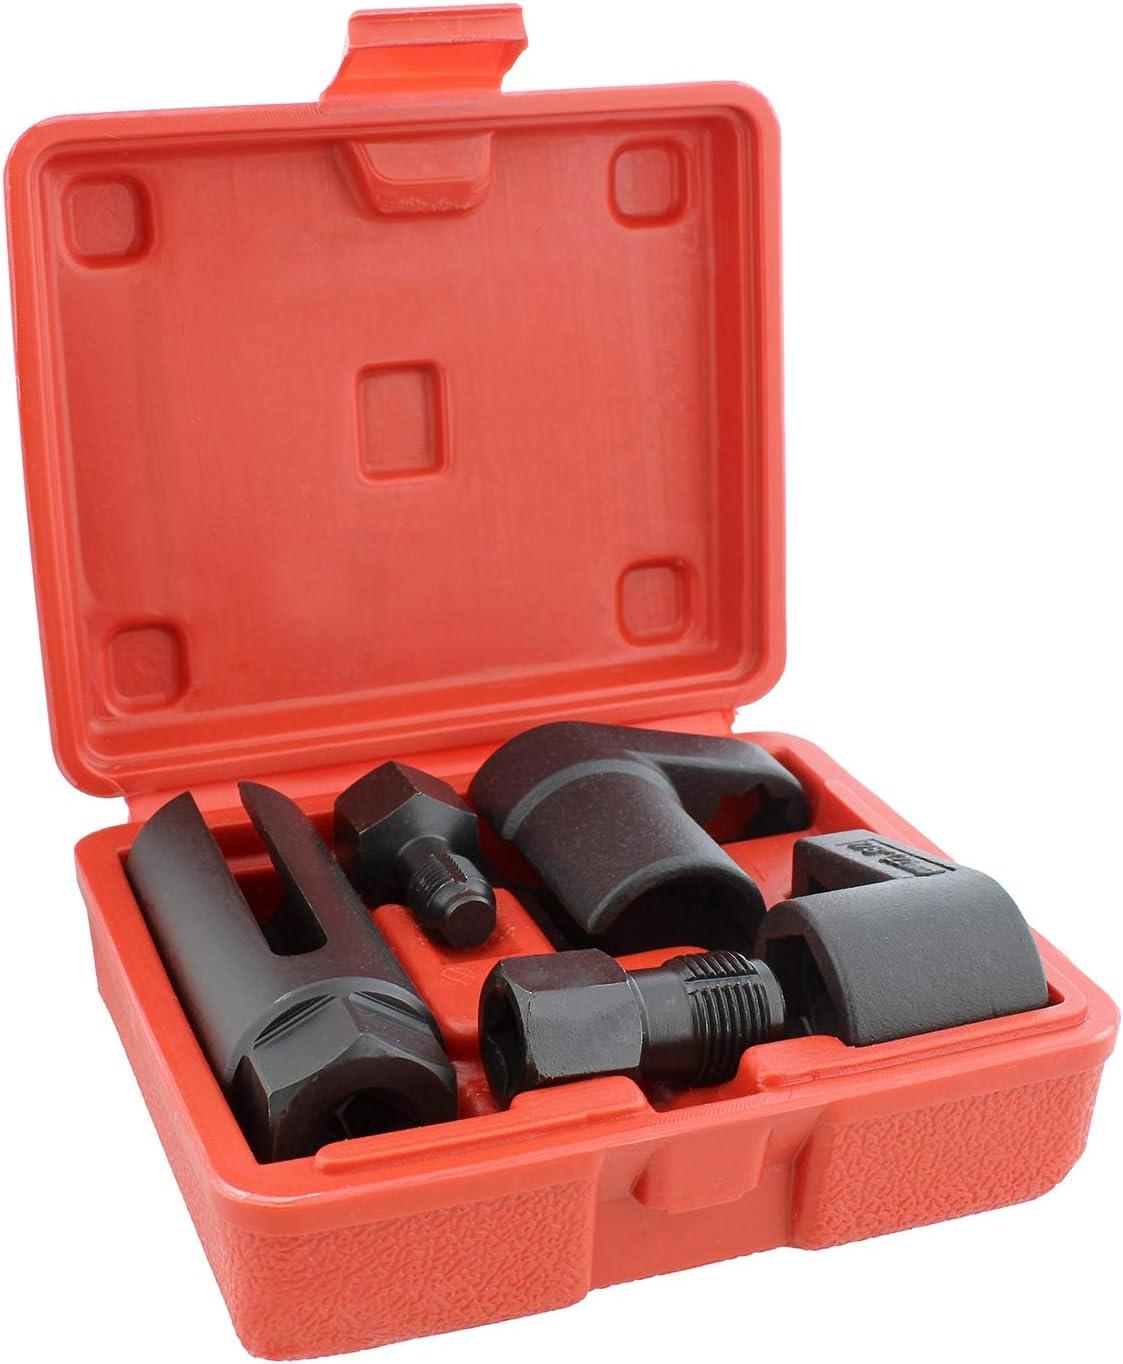 ABN O2 Sensor Socket Tool for Oxygen Sensor 5pc Kit - 22mm Oxygen Sensor Socket and Vacuum Socket with Thread Chaser Set